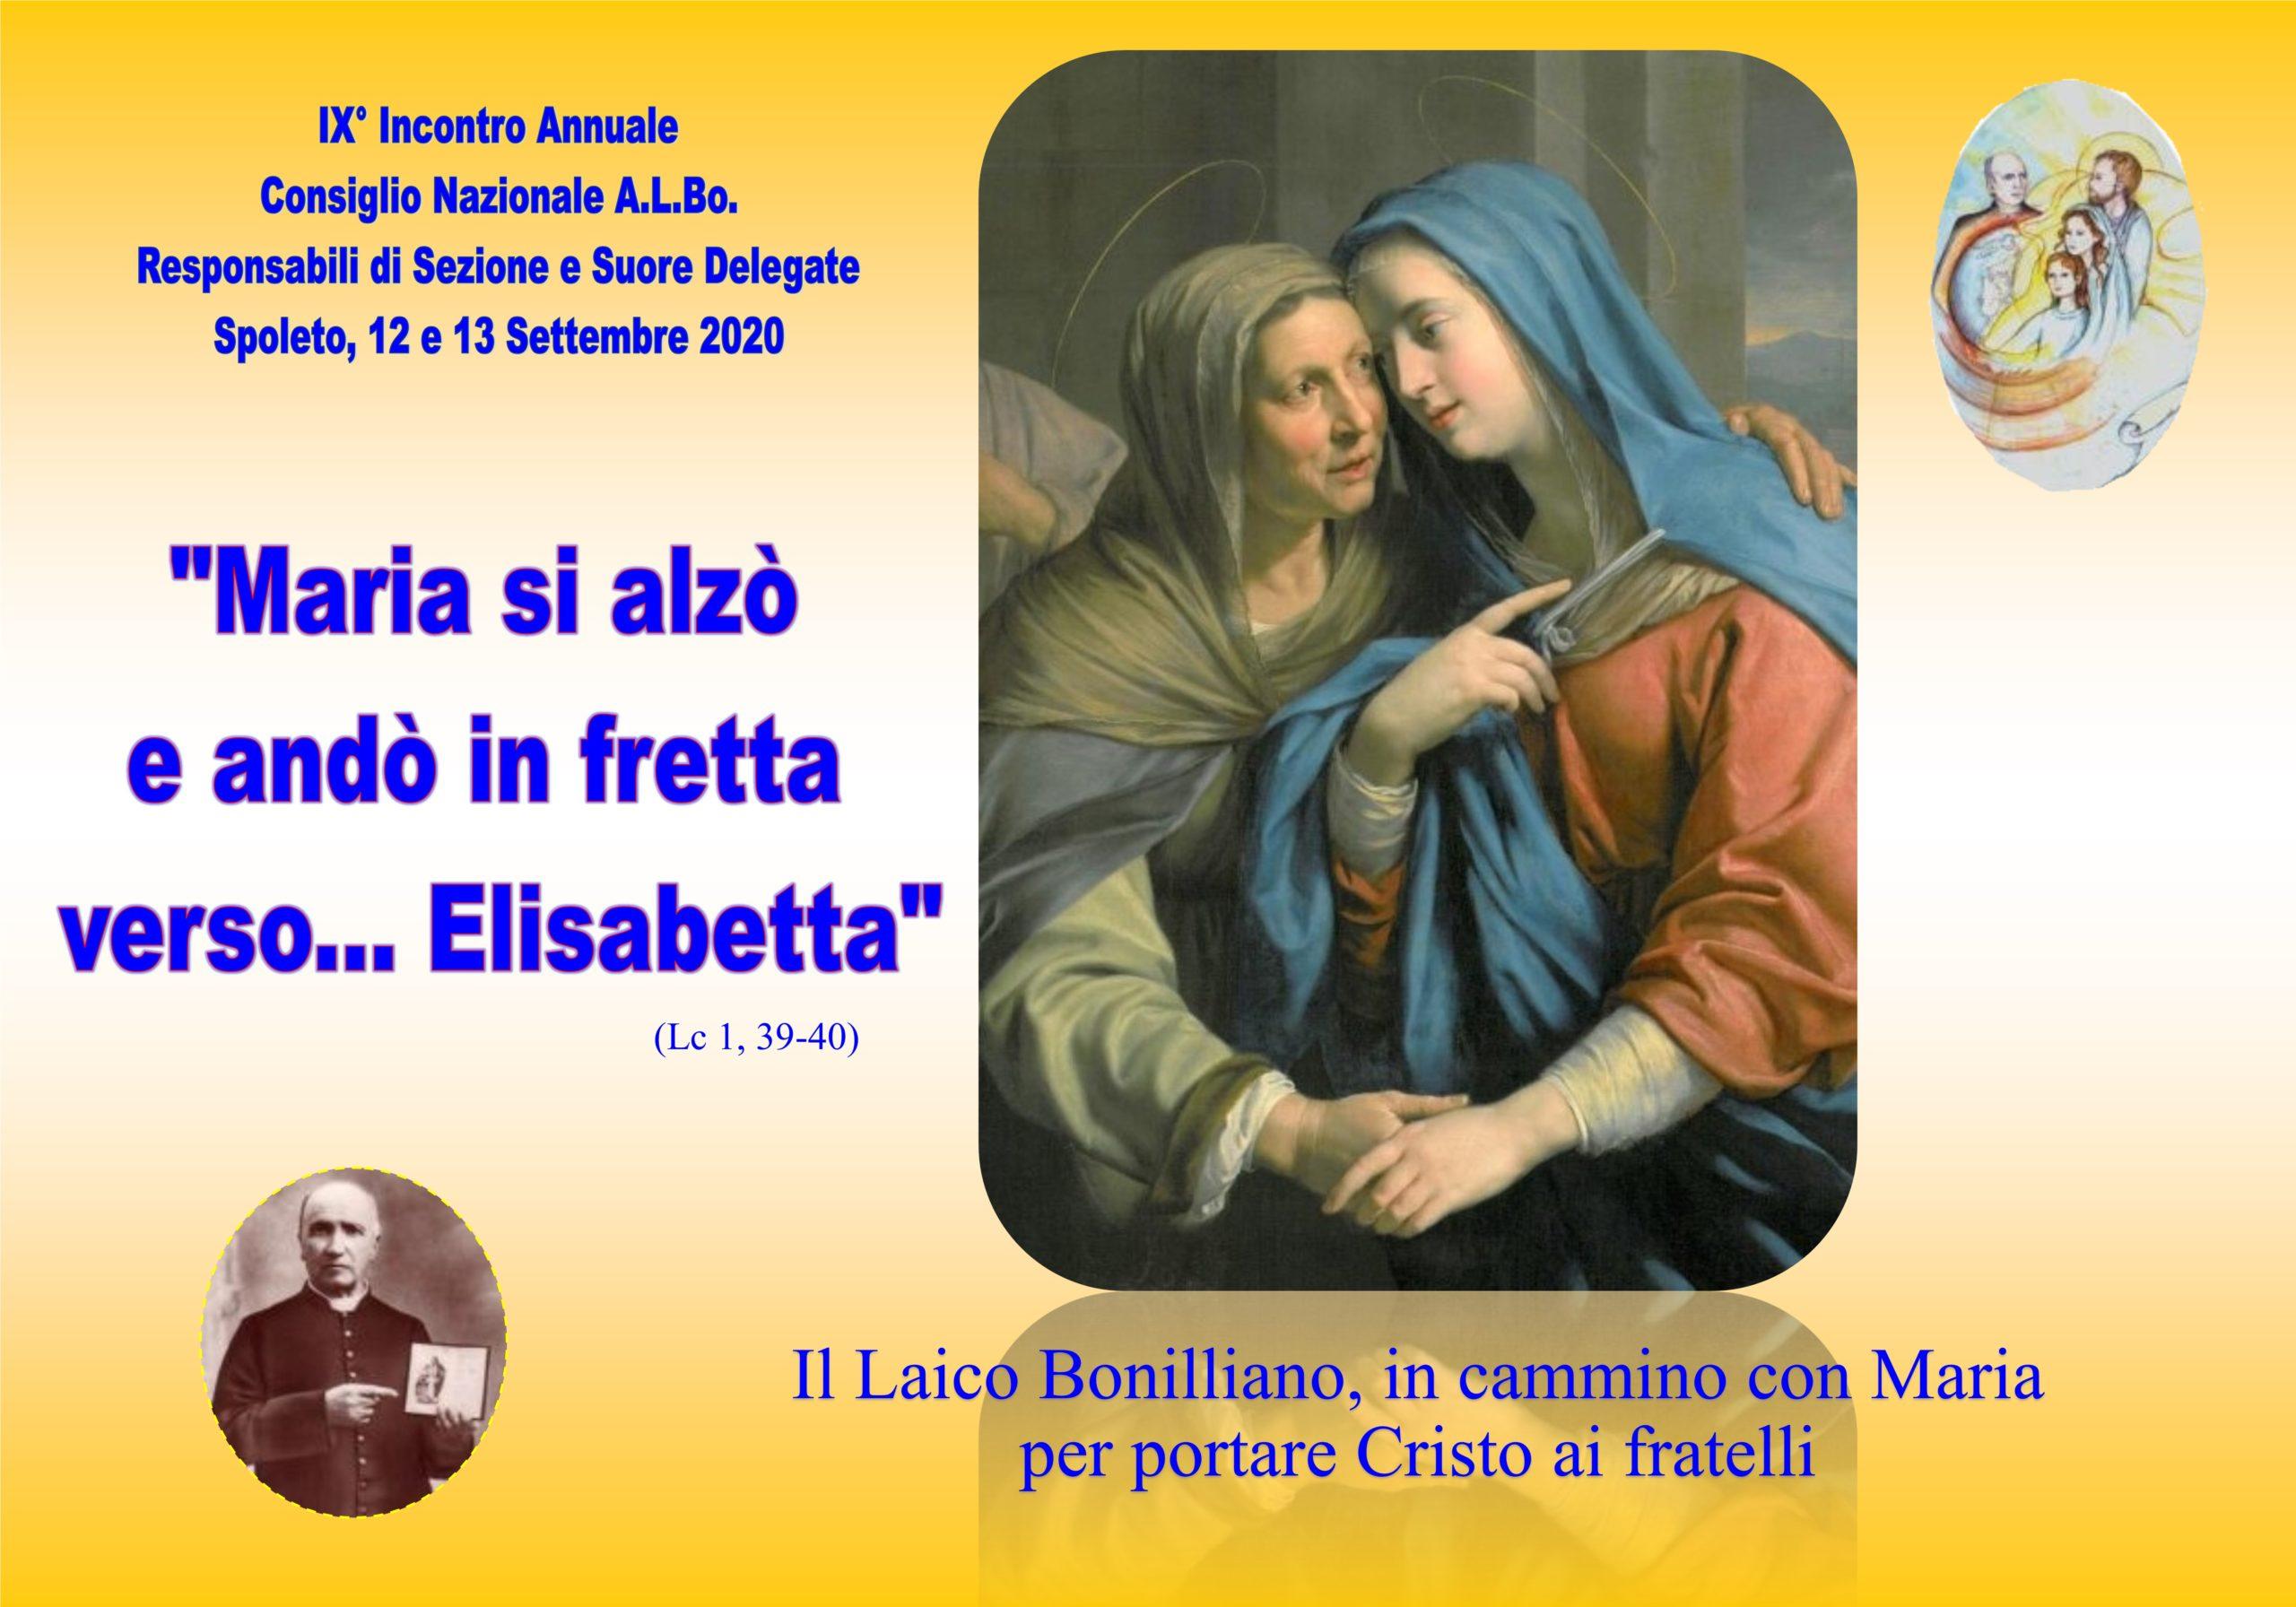 Il Laico Bonilliano in cammino con Maria per portare Cristo ai fratelli